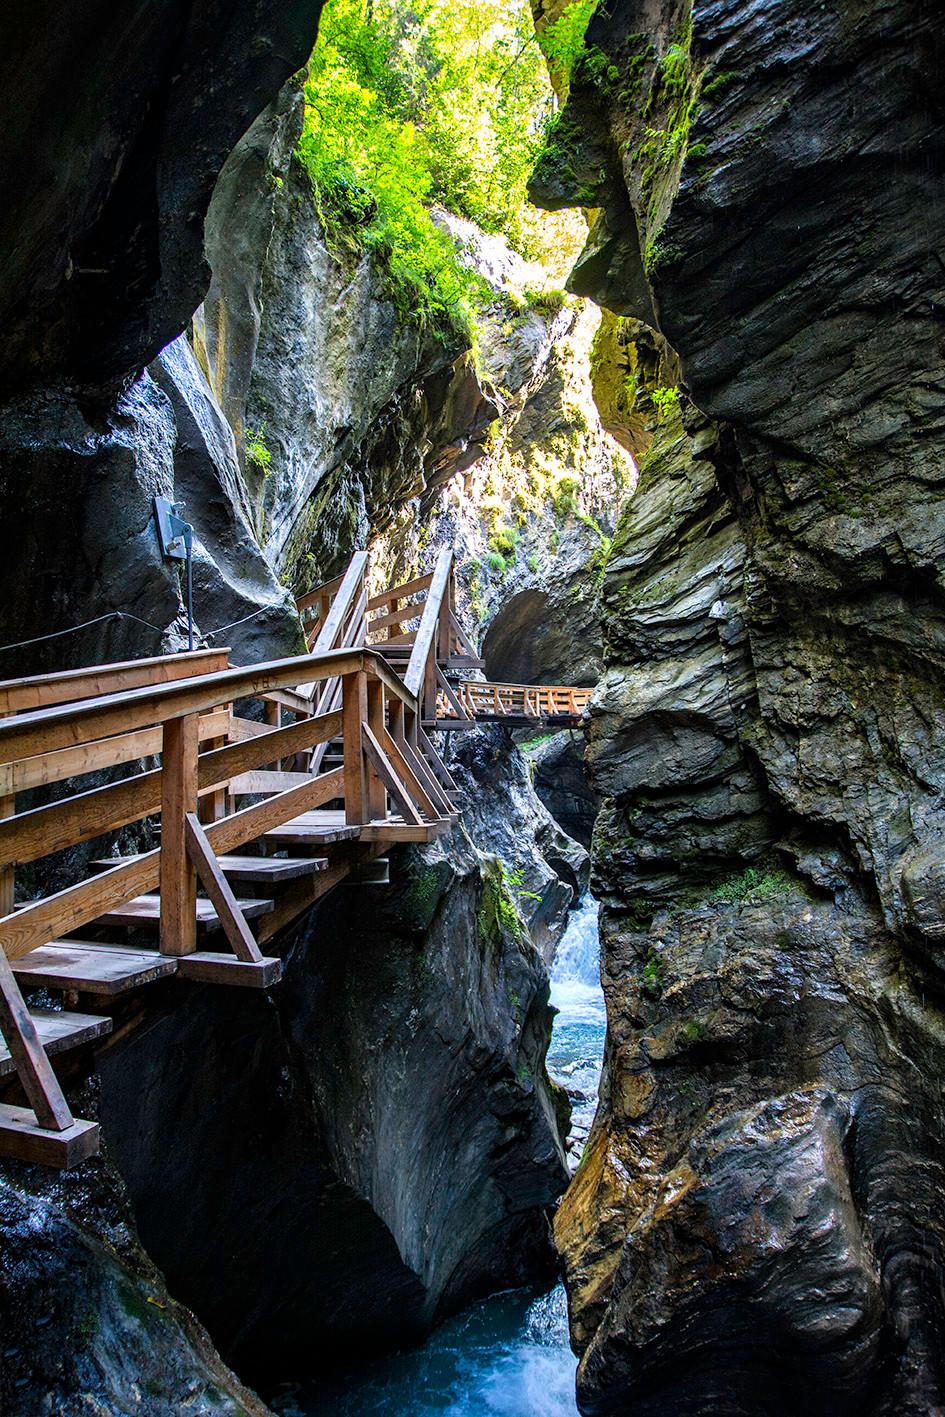 Der Weg durch die Sigmund-Thun-Klamm